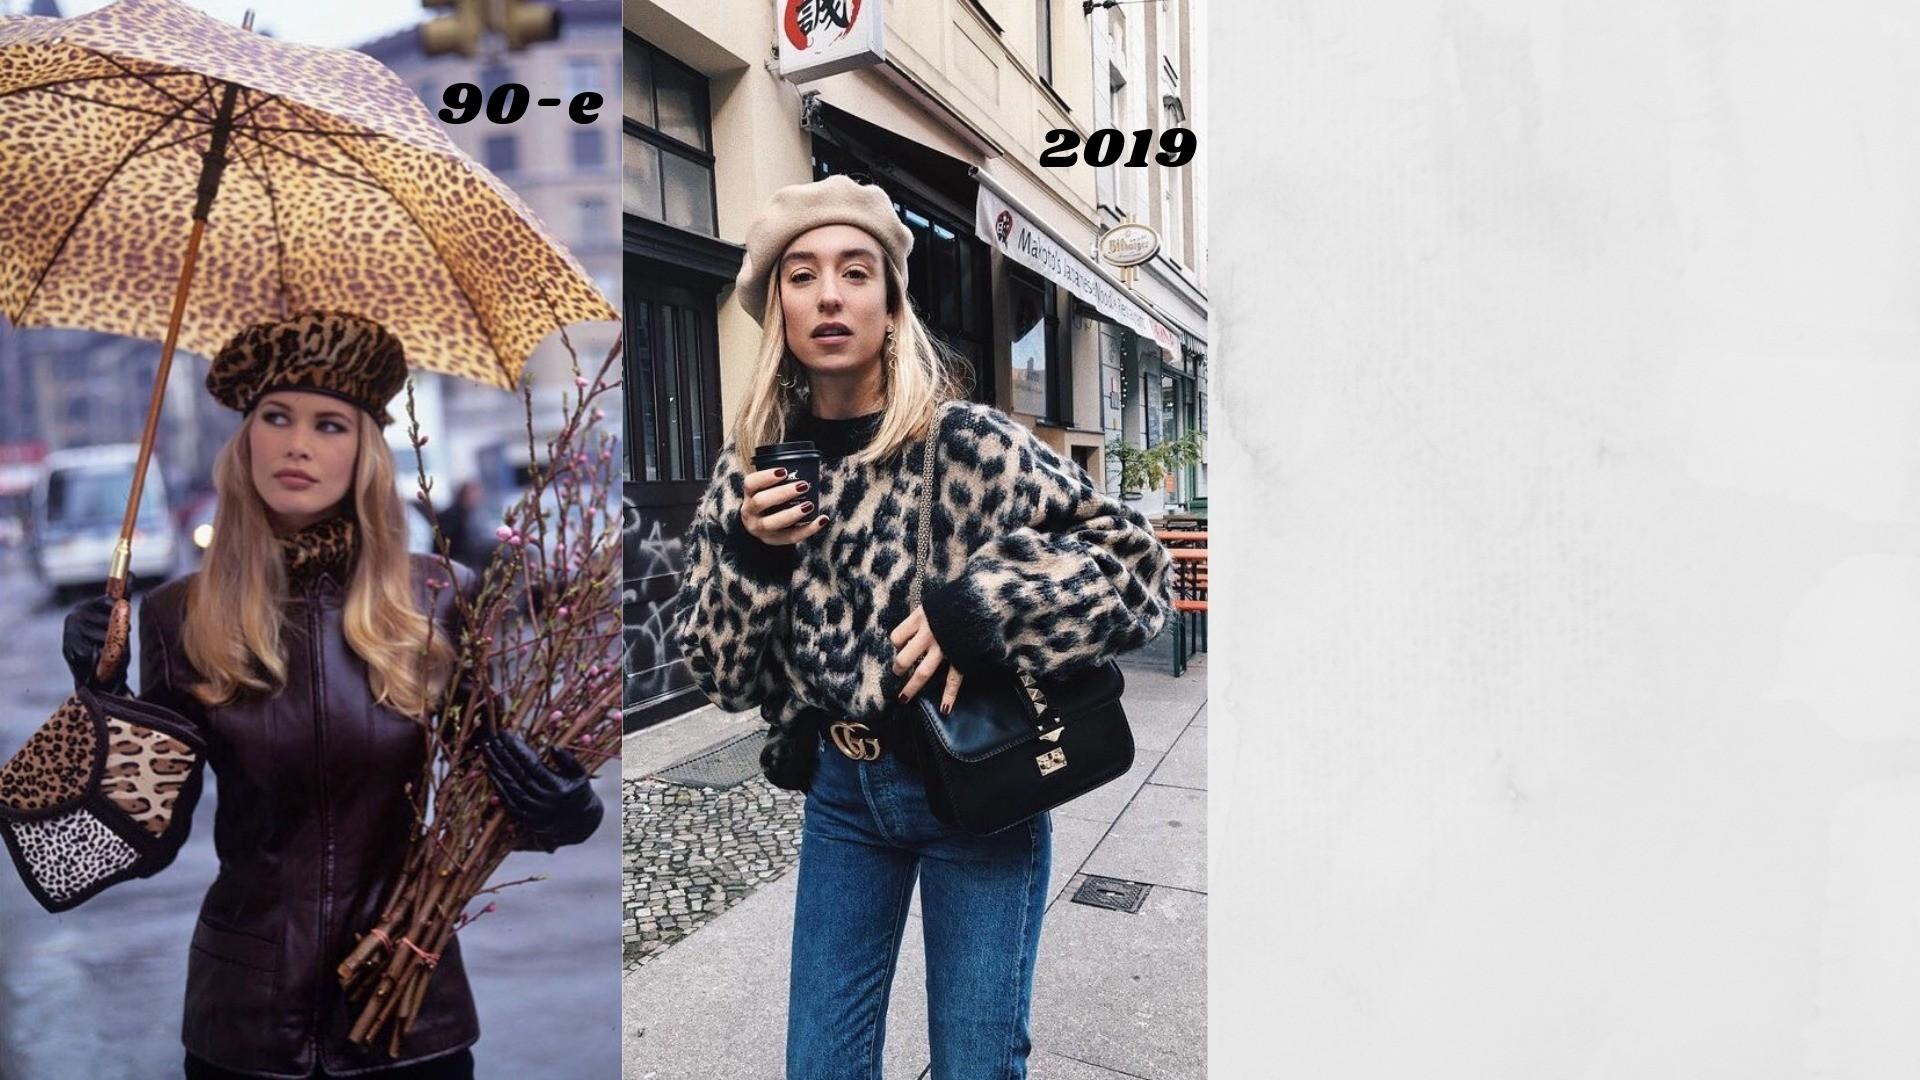 Этот рисунок был главным трендом 90-х годов. Настоящий успех кпринту пришел после «леопардовой» коллекции осень-зима 1991 года Модного дома Alaia – иэто стало настоящим шоком длямира м...